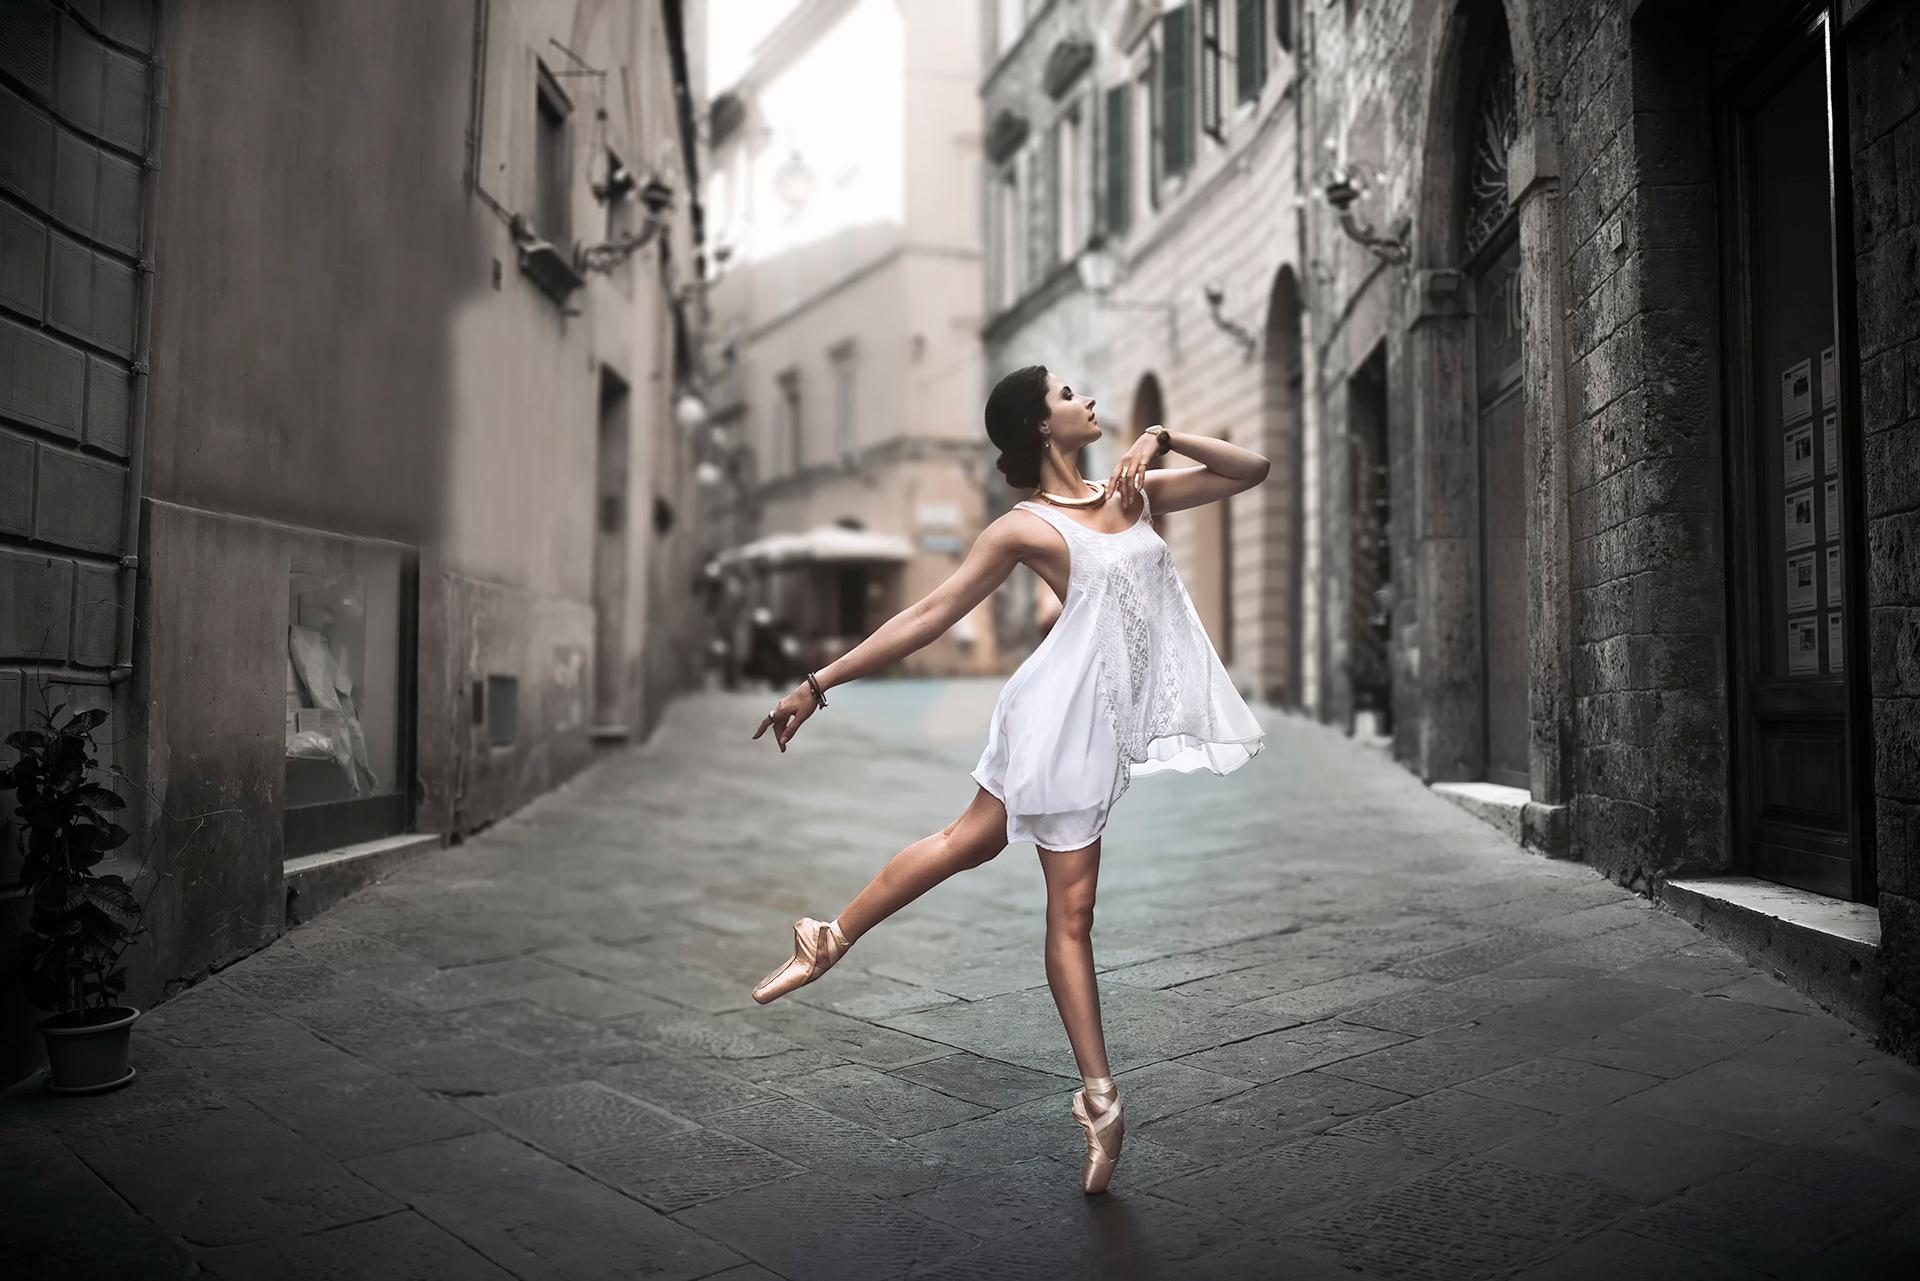 балерина фотосессия идеи того, что